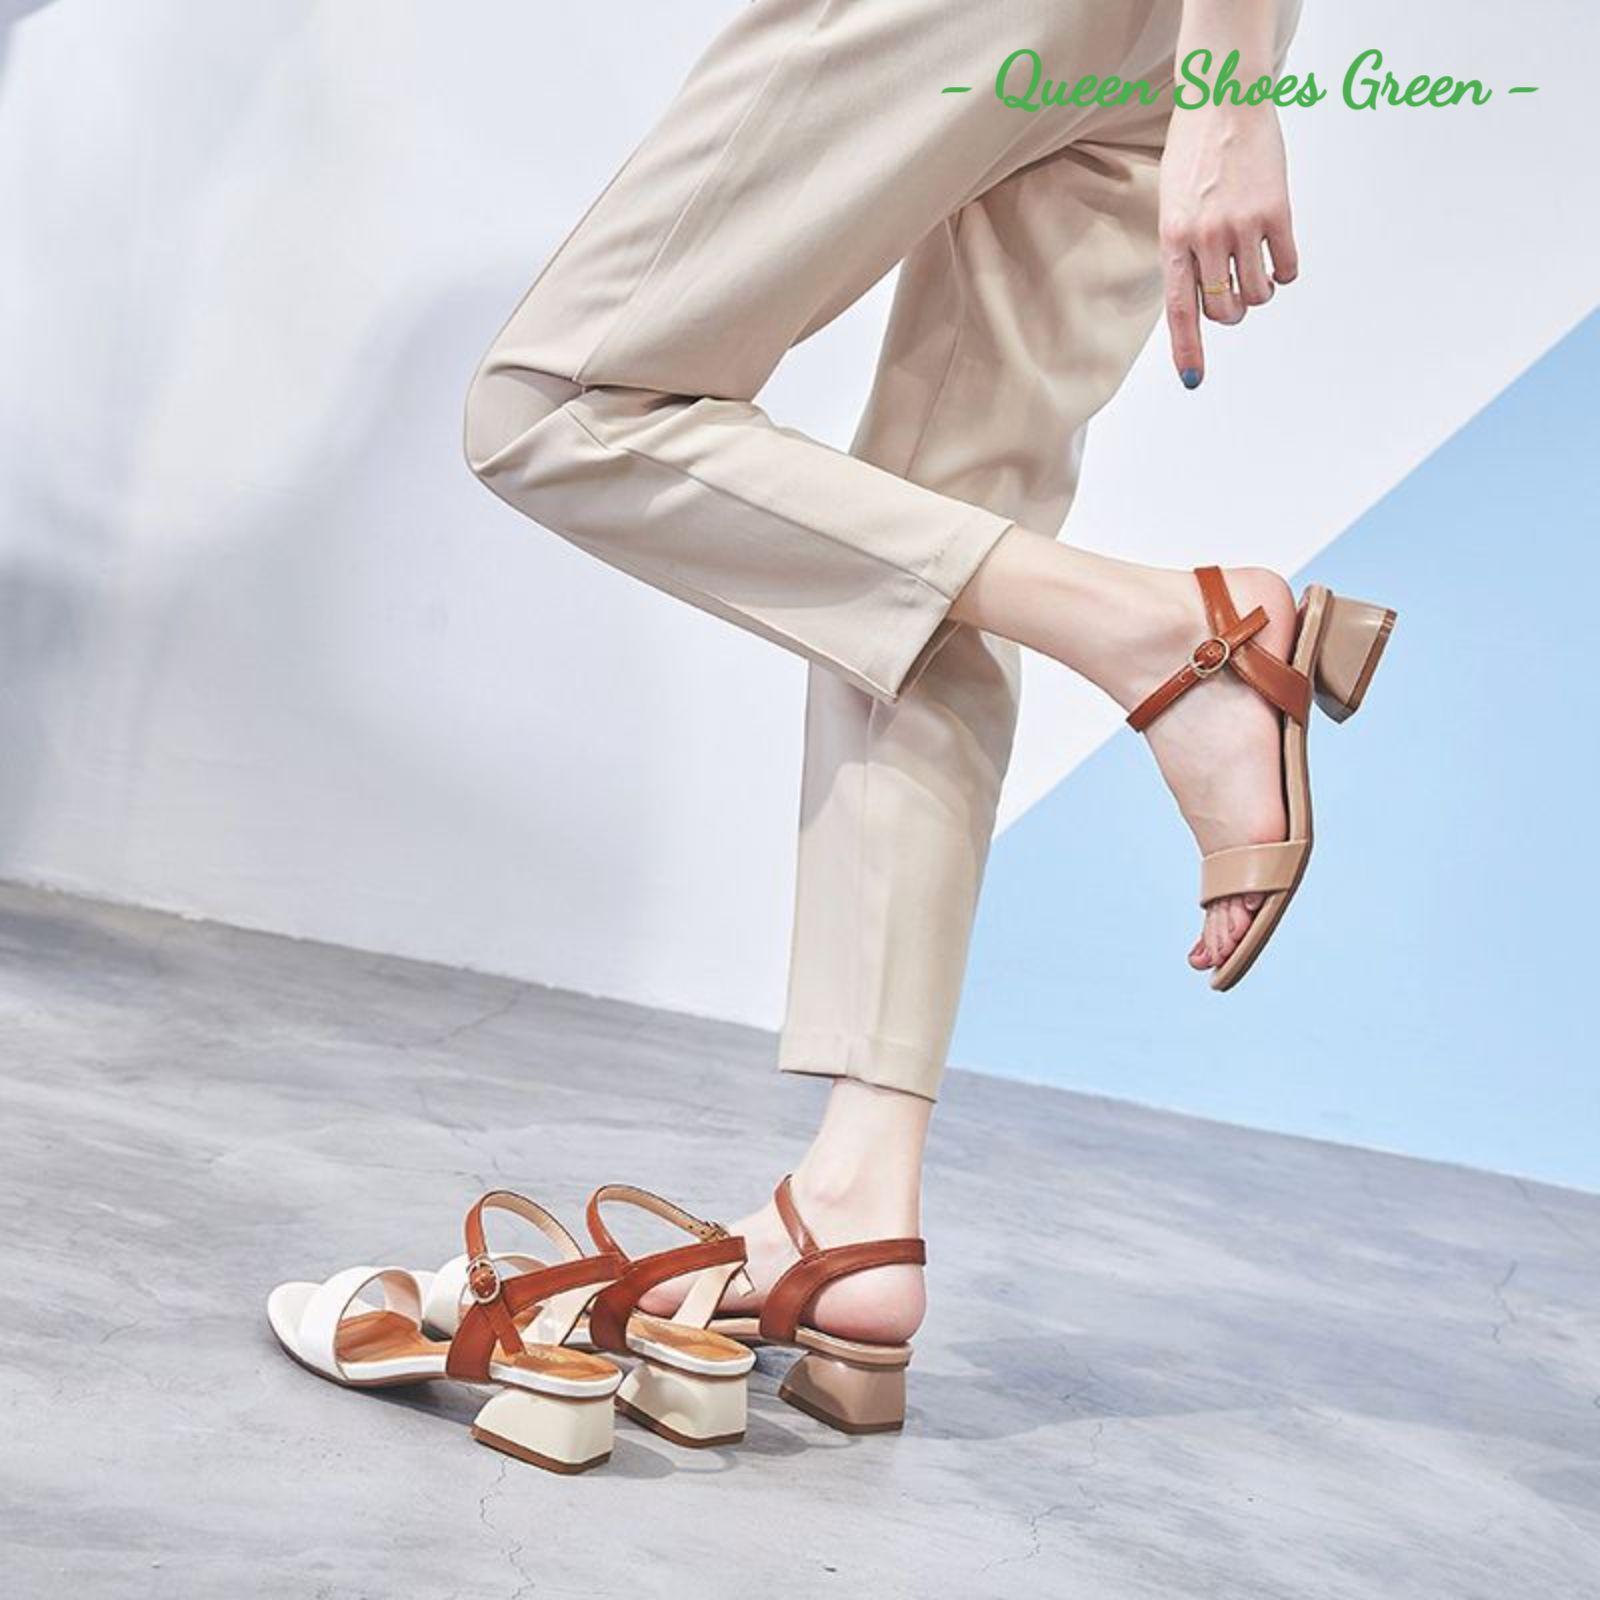 Dép cao gót nữ đế vuông 4 phân giả gỗ, guốc sandal cao gót mũi vuông, lót da êm ái kiểu dáng thời trang size 35 đến 39